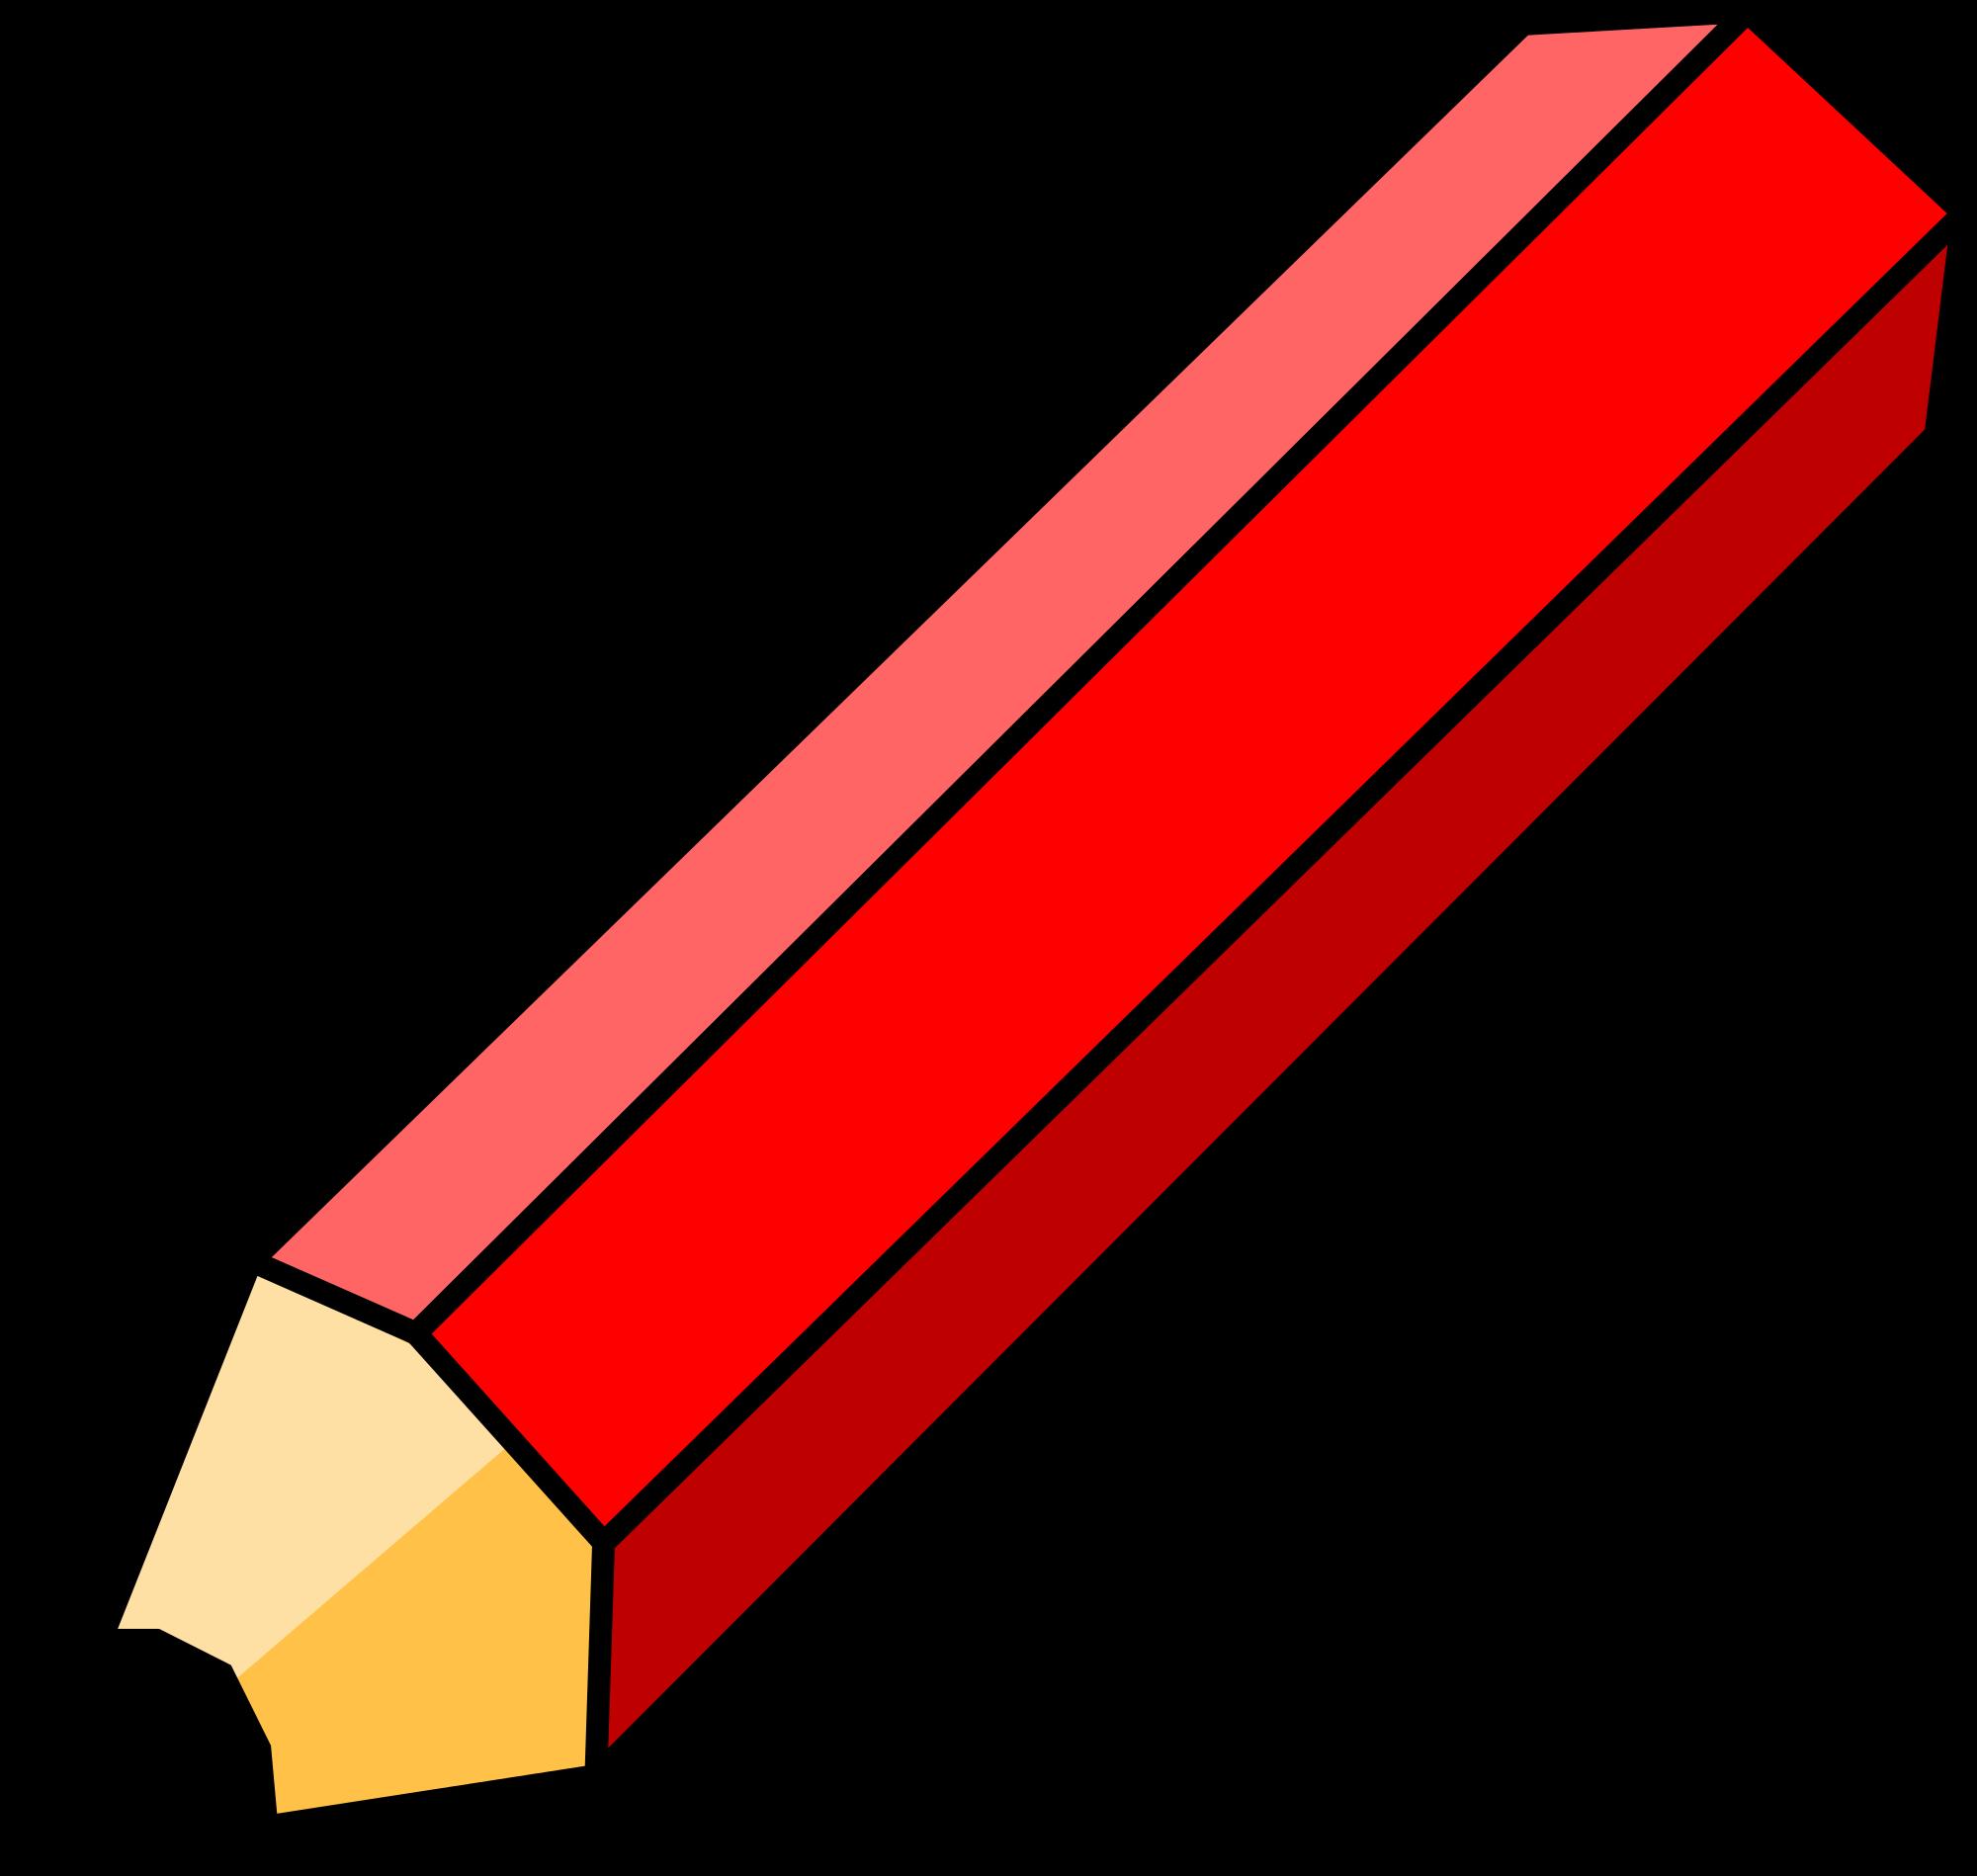 тревожит карандаш картинка с двух частей ней